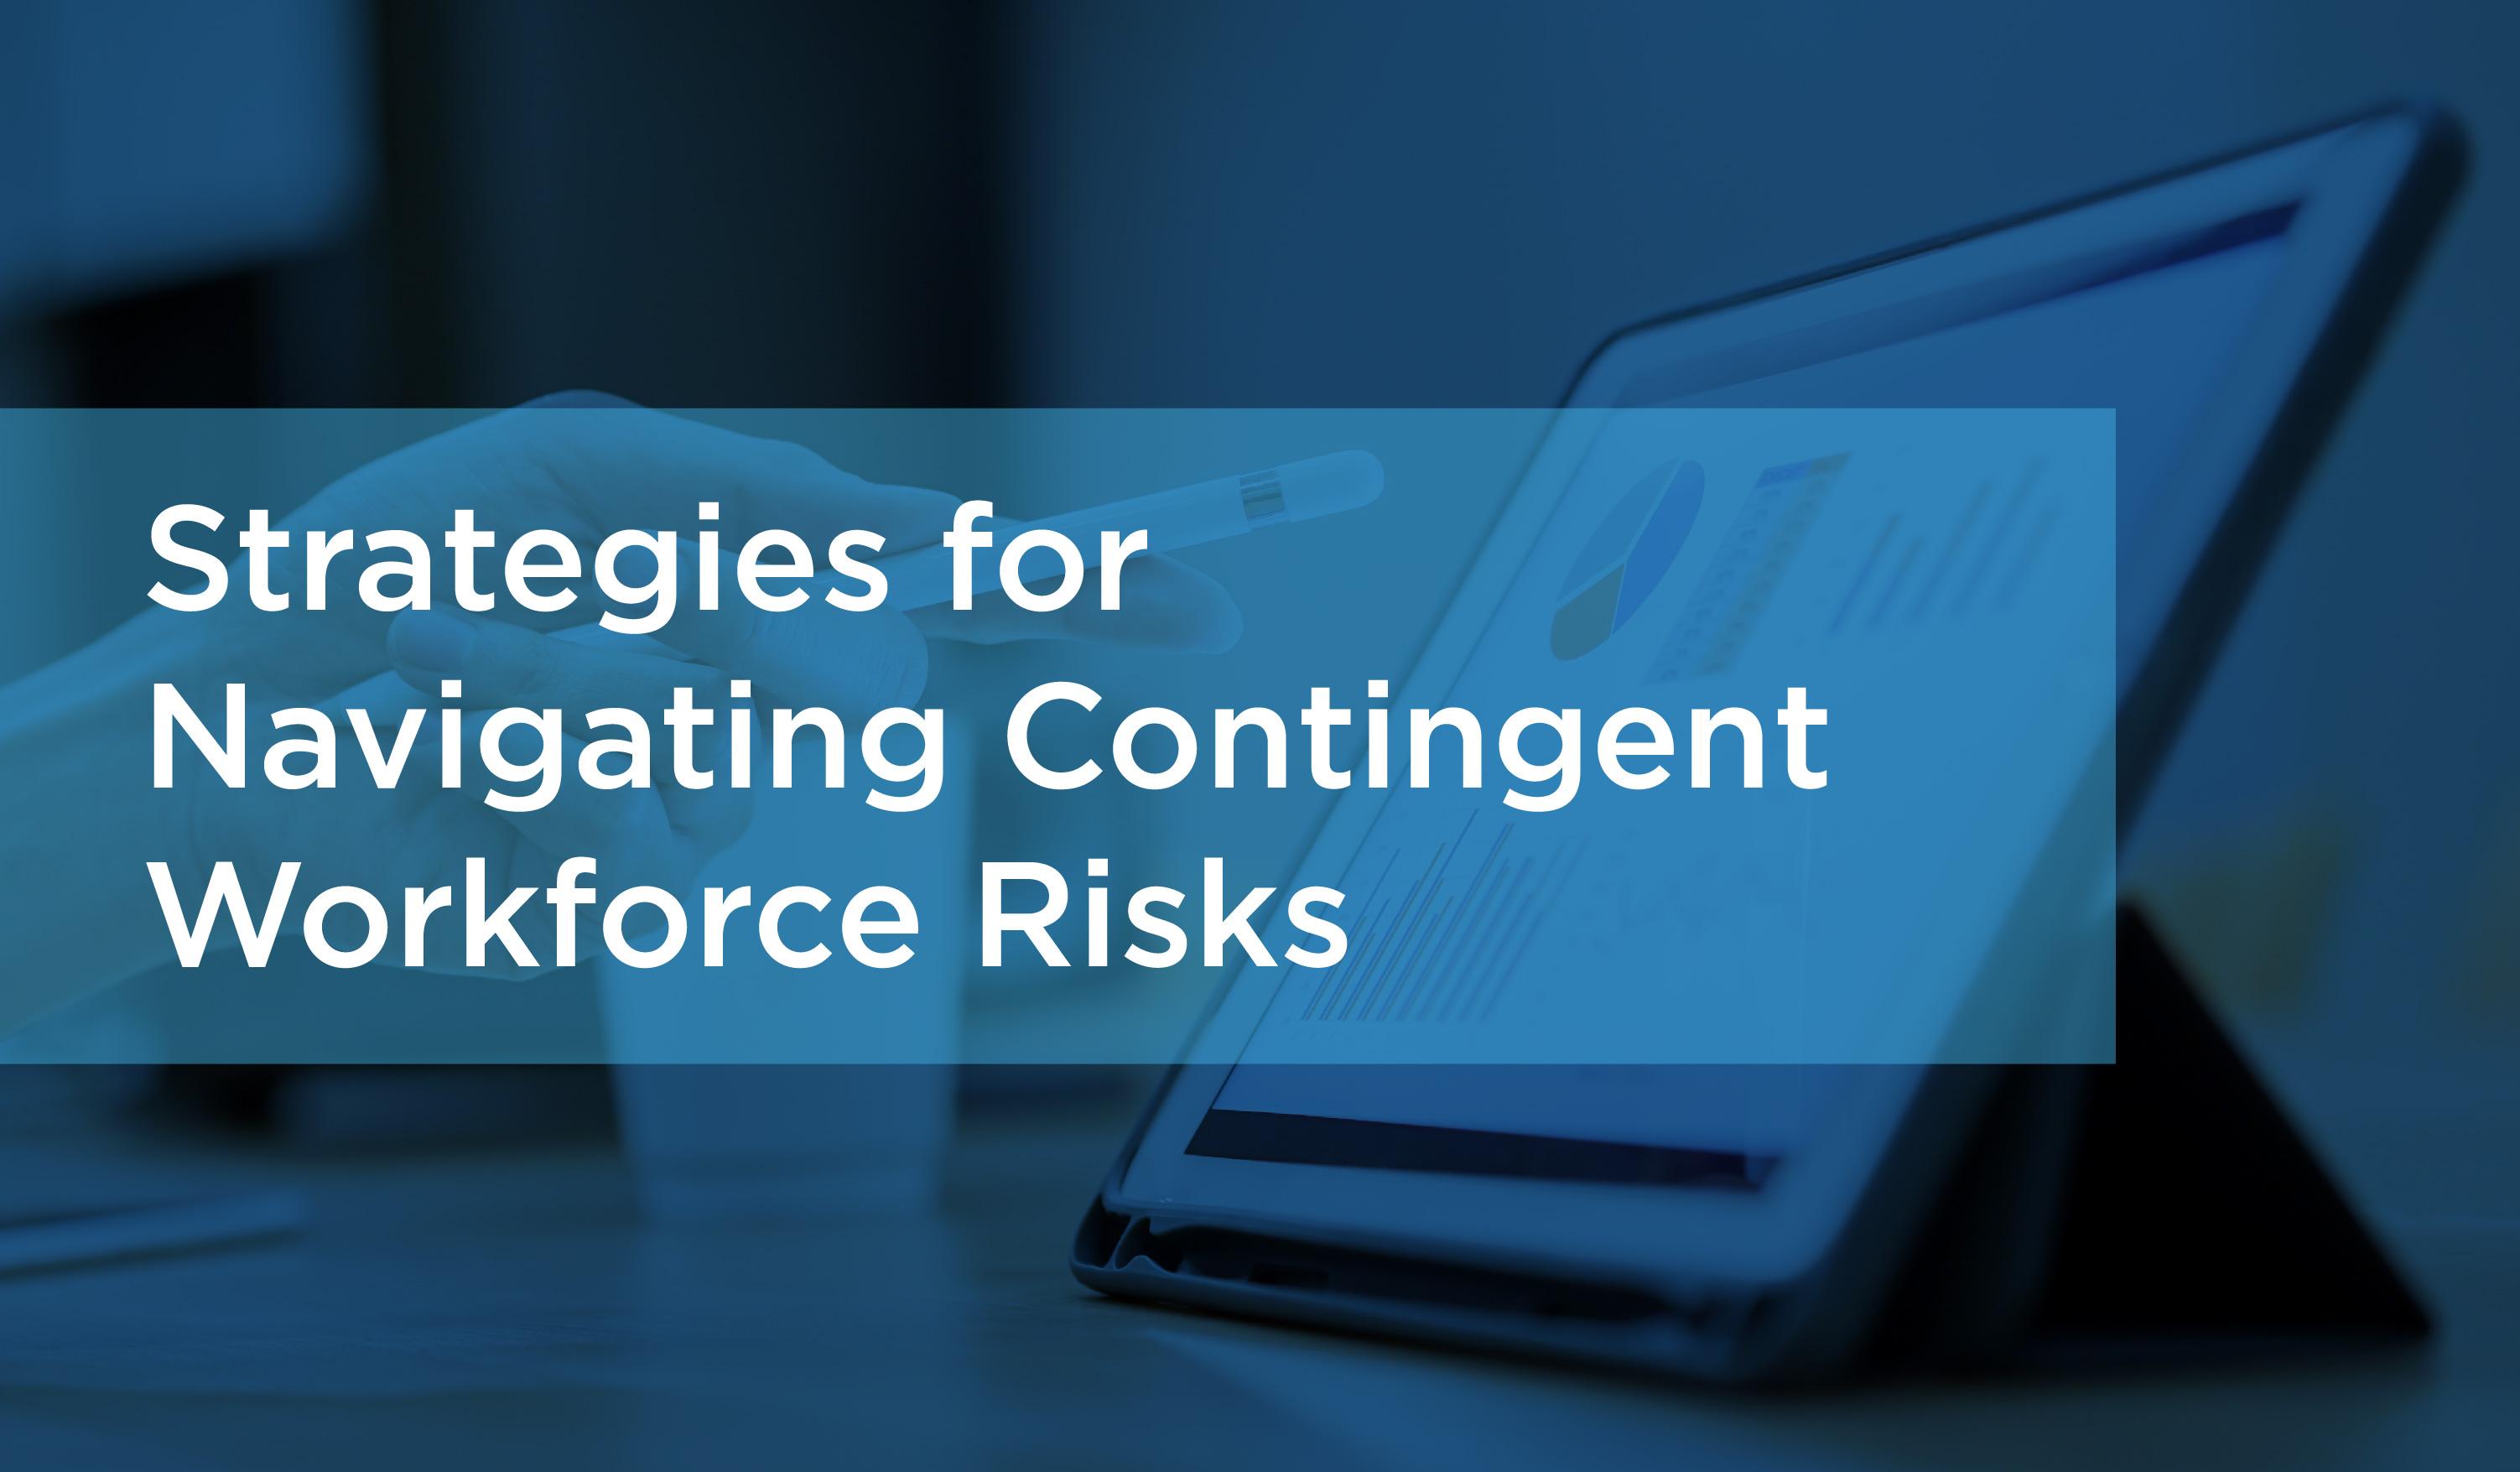 strategies for navigating contingent workforce risks